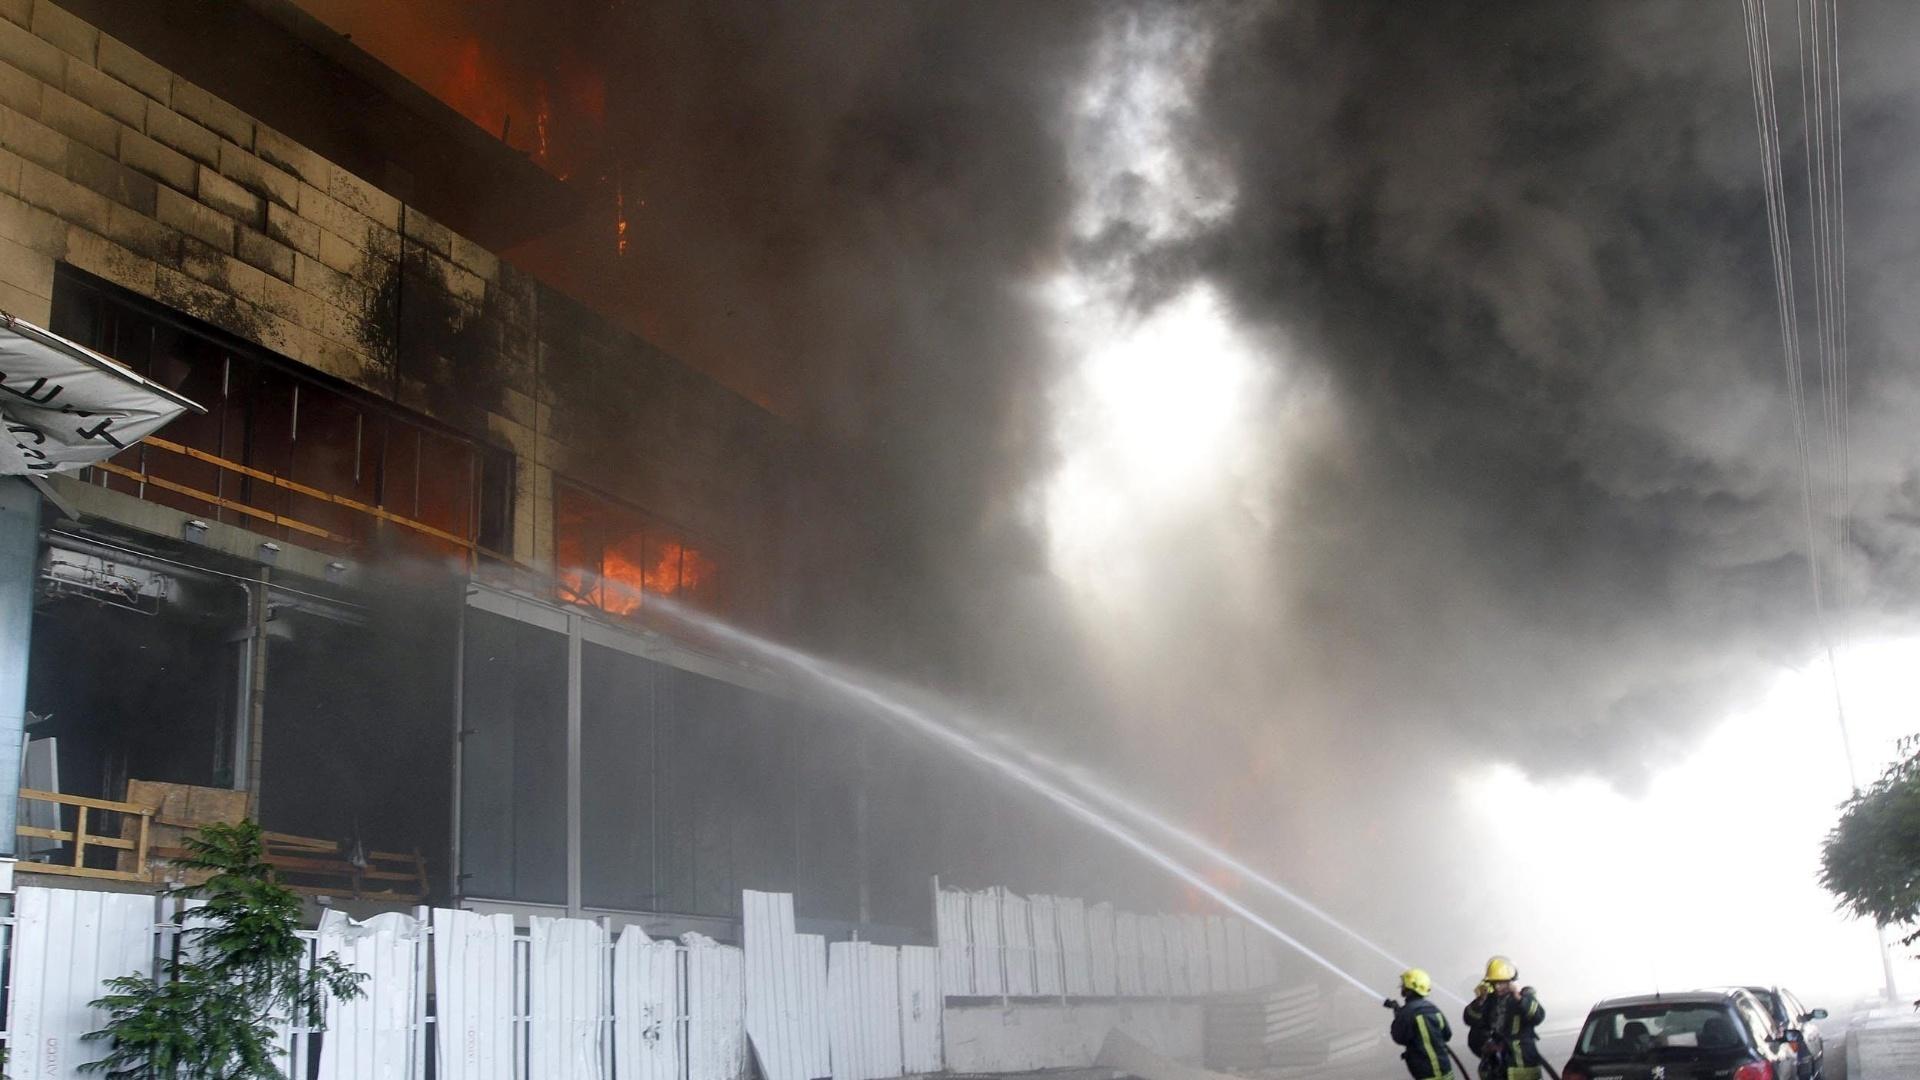 5.ago.2013 - Bombeiros apagam incêndio que atingiu um hospital em Amman, na Jordânia, nesta segunda-feira (5). Ninguém ficou ferido